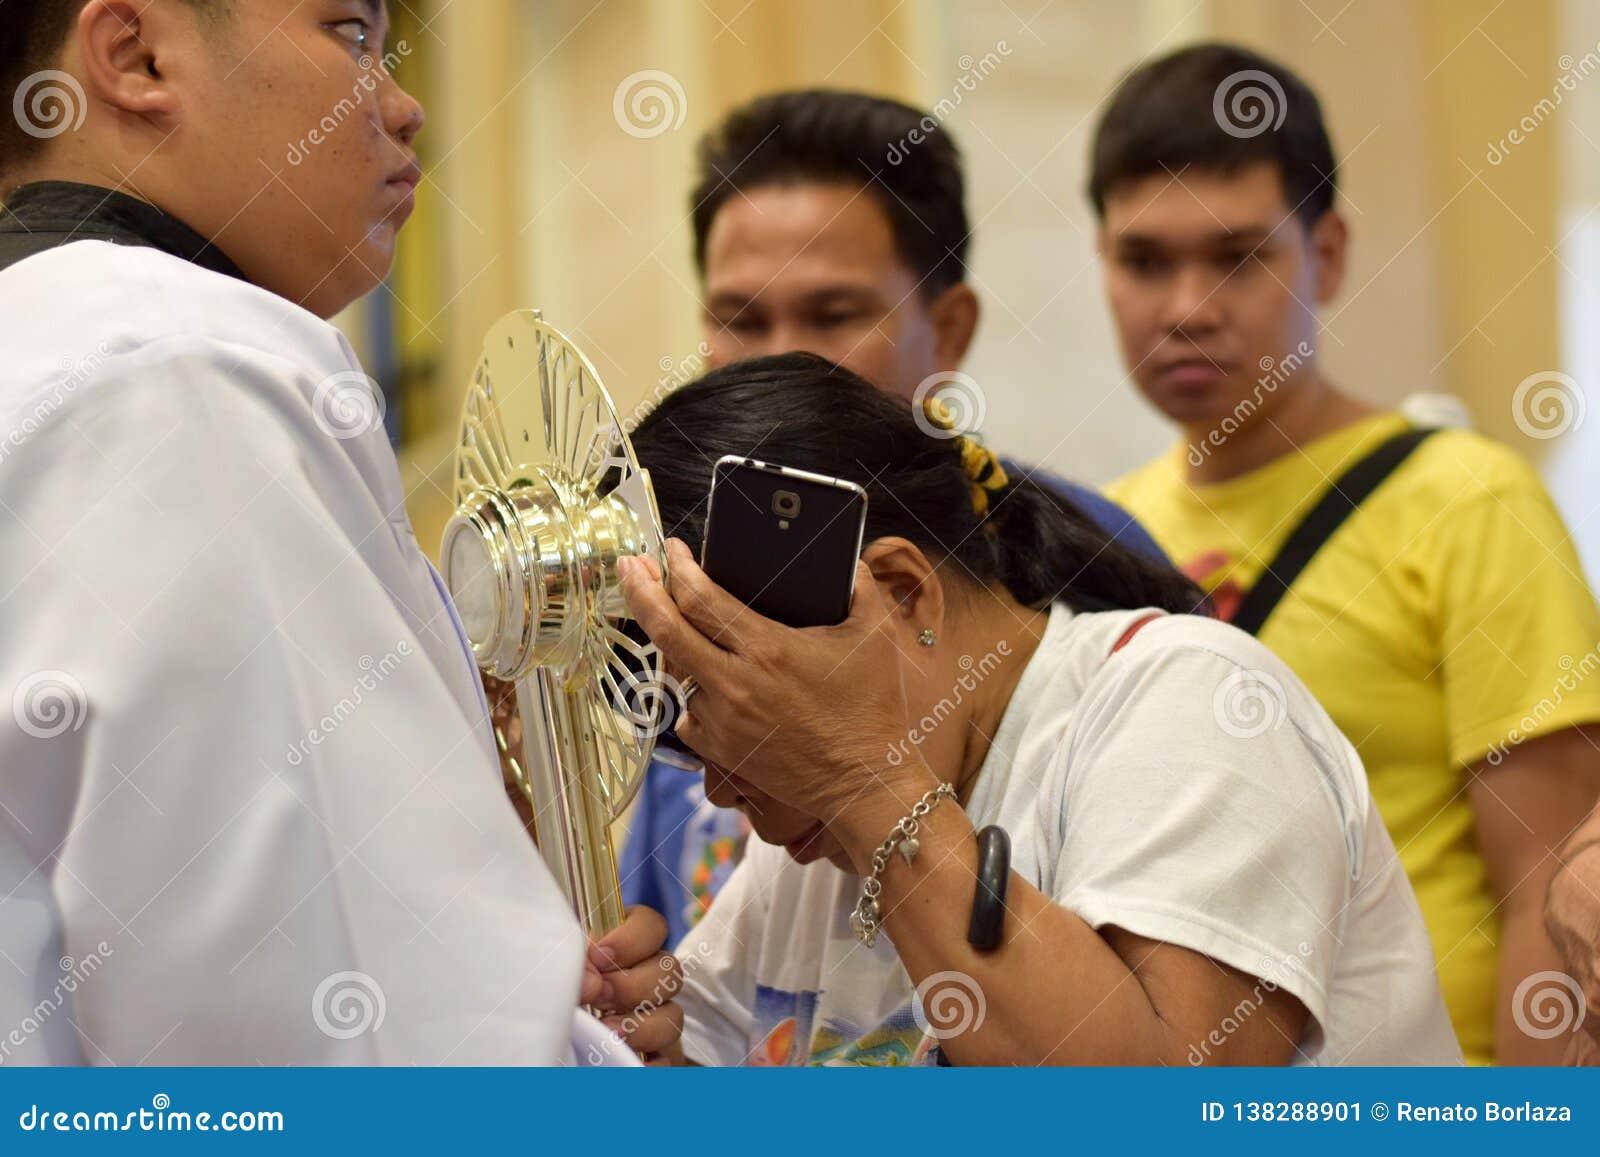 Roman Catholic Women werden seltene Möglichkeit der küssenden heiligen Monstranz während einer Stadtfestlichkeit gegeben